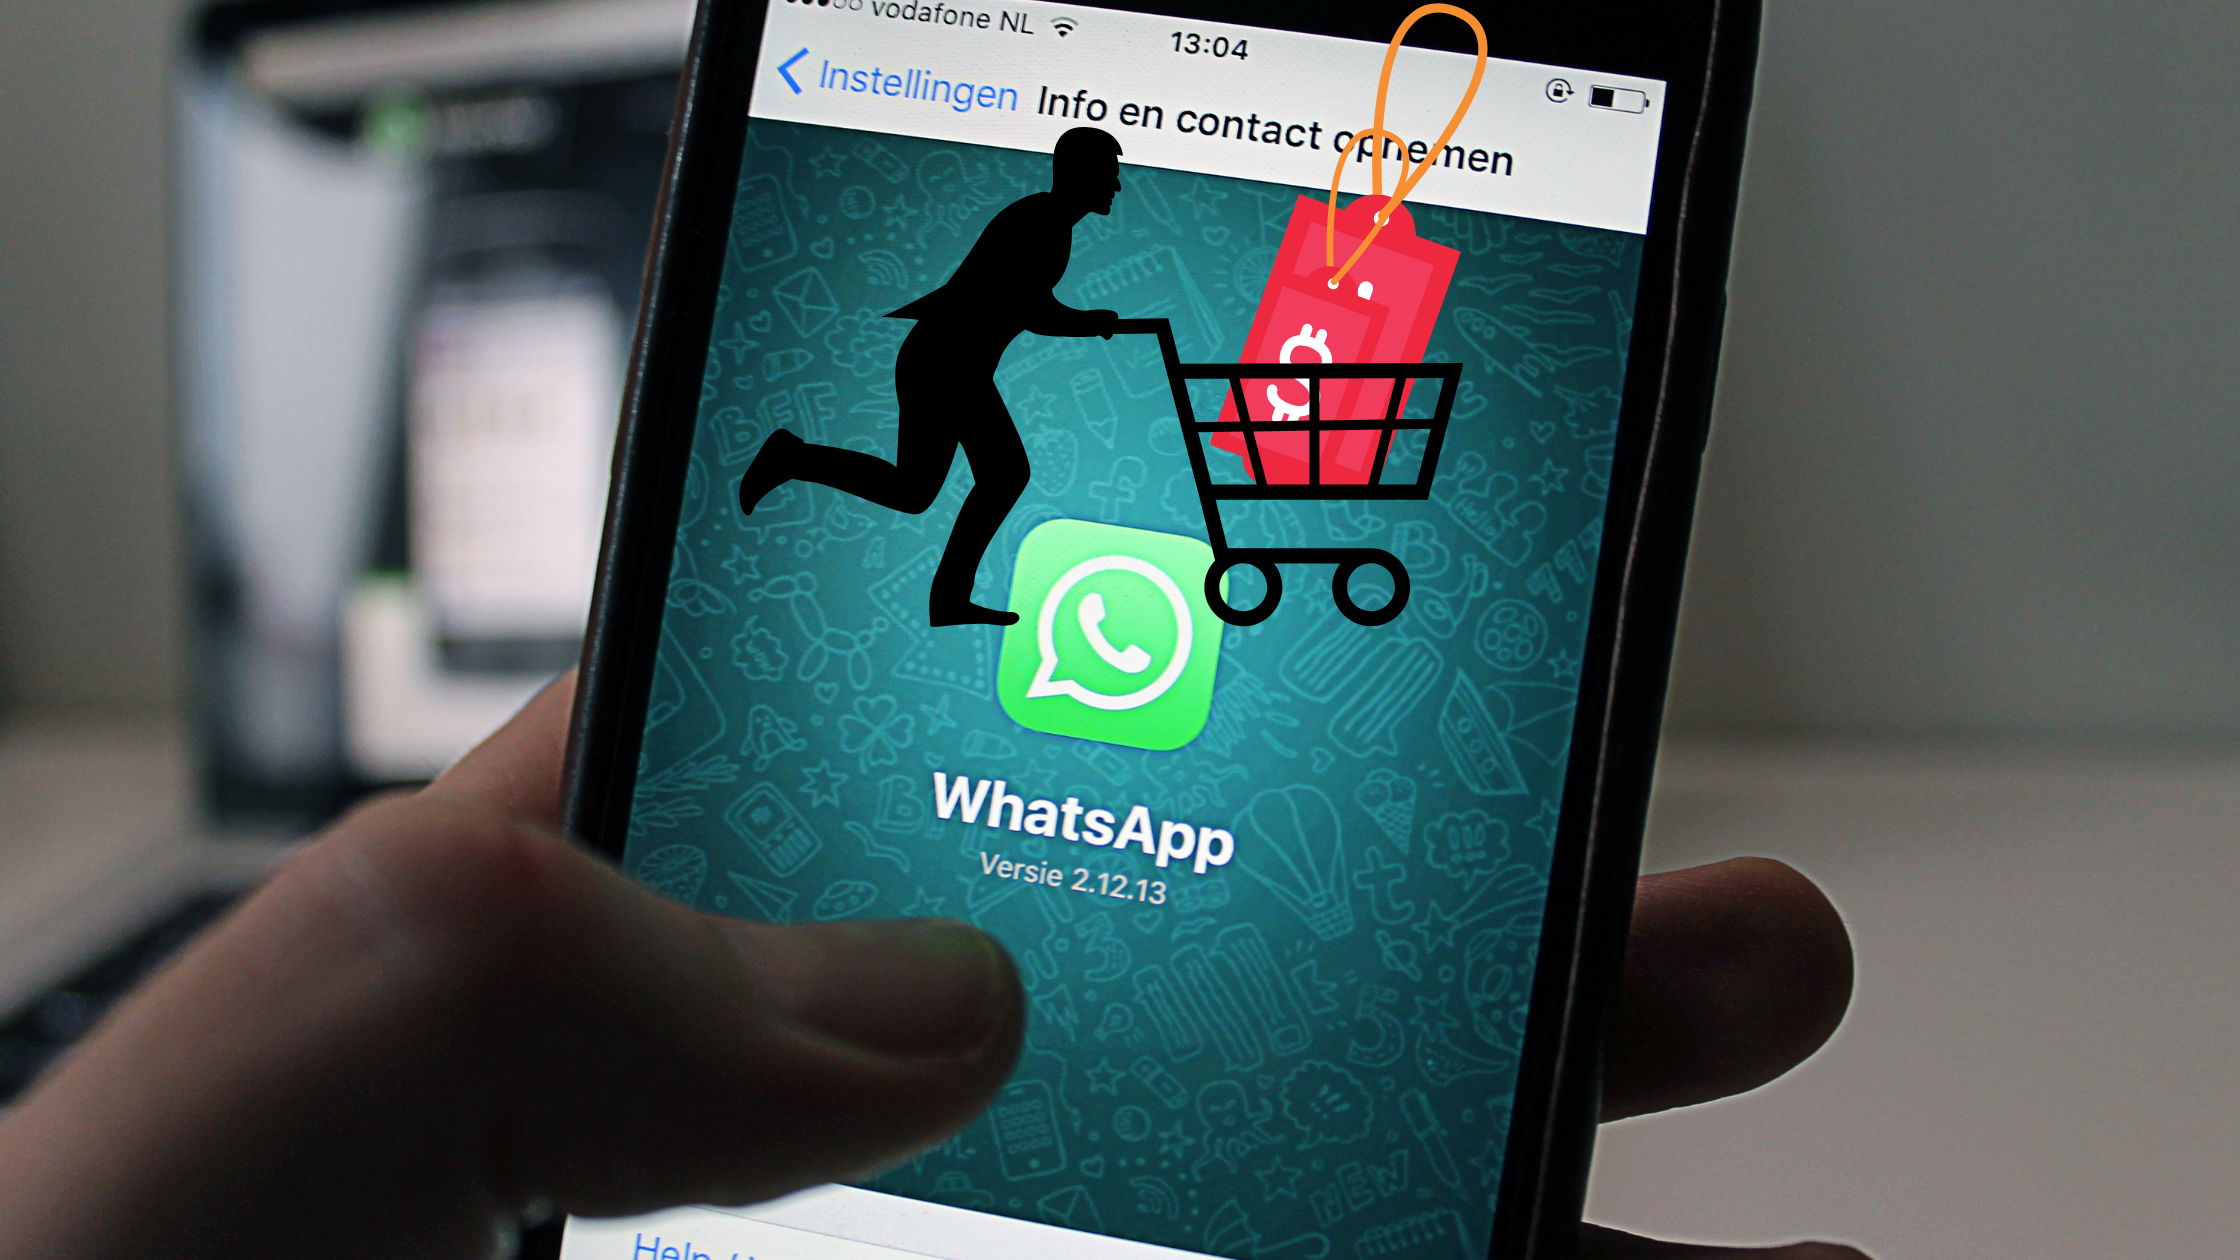 messenger-based sales